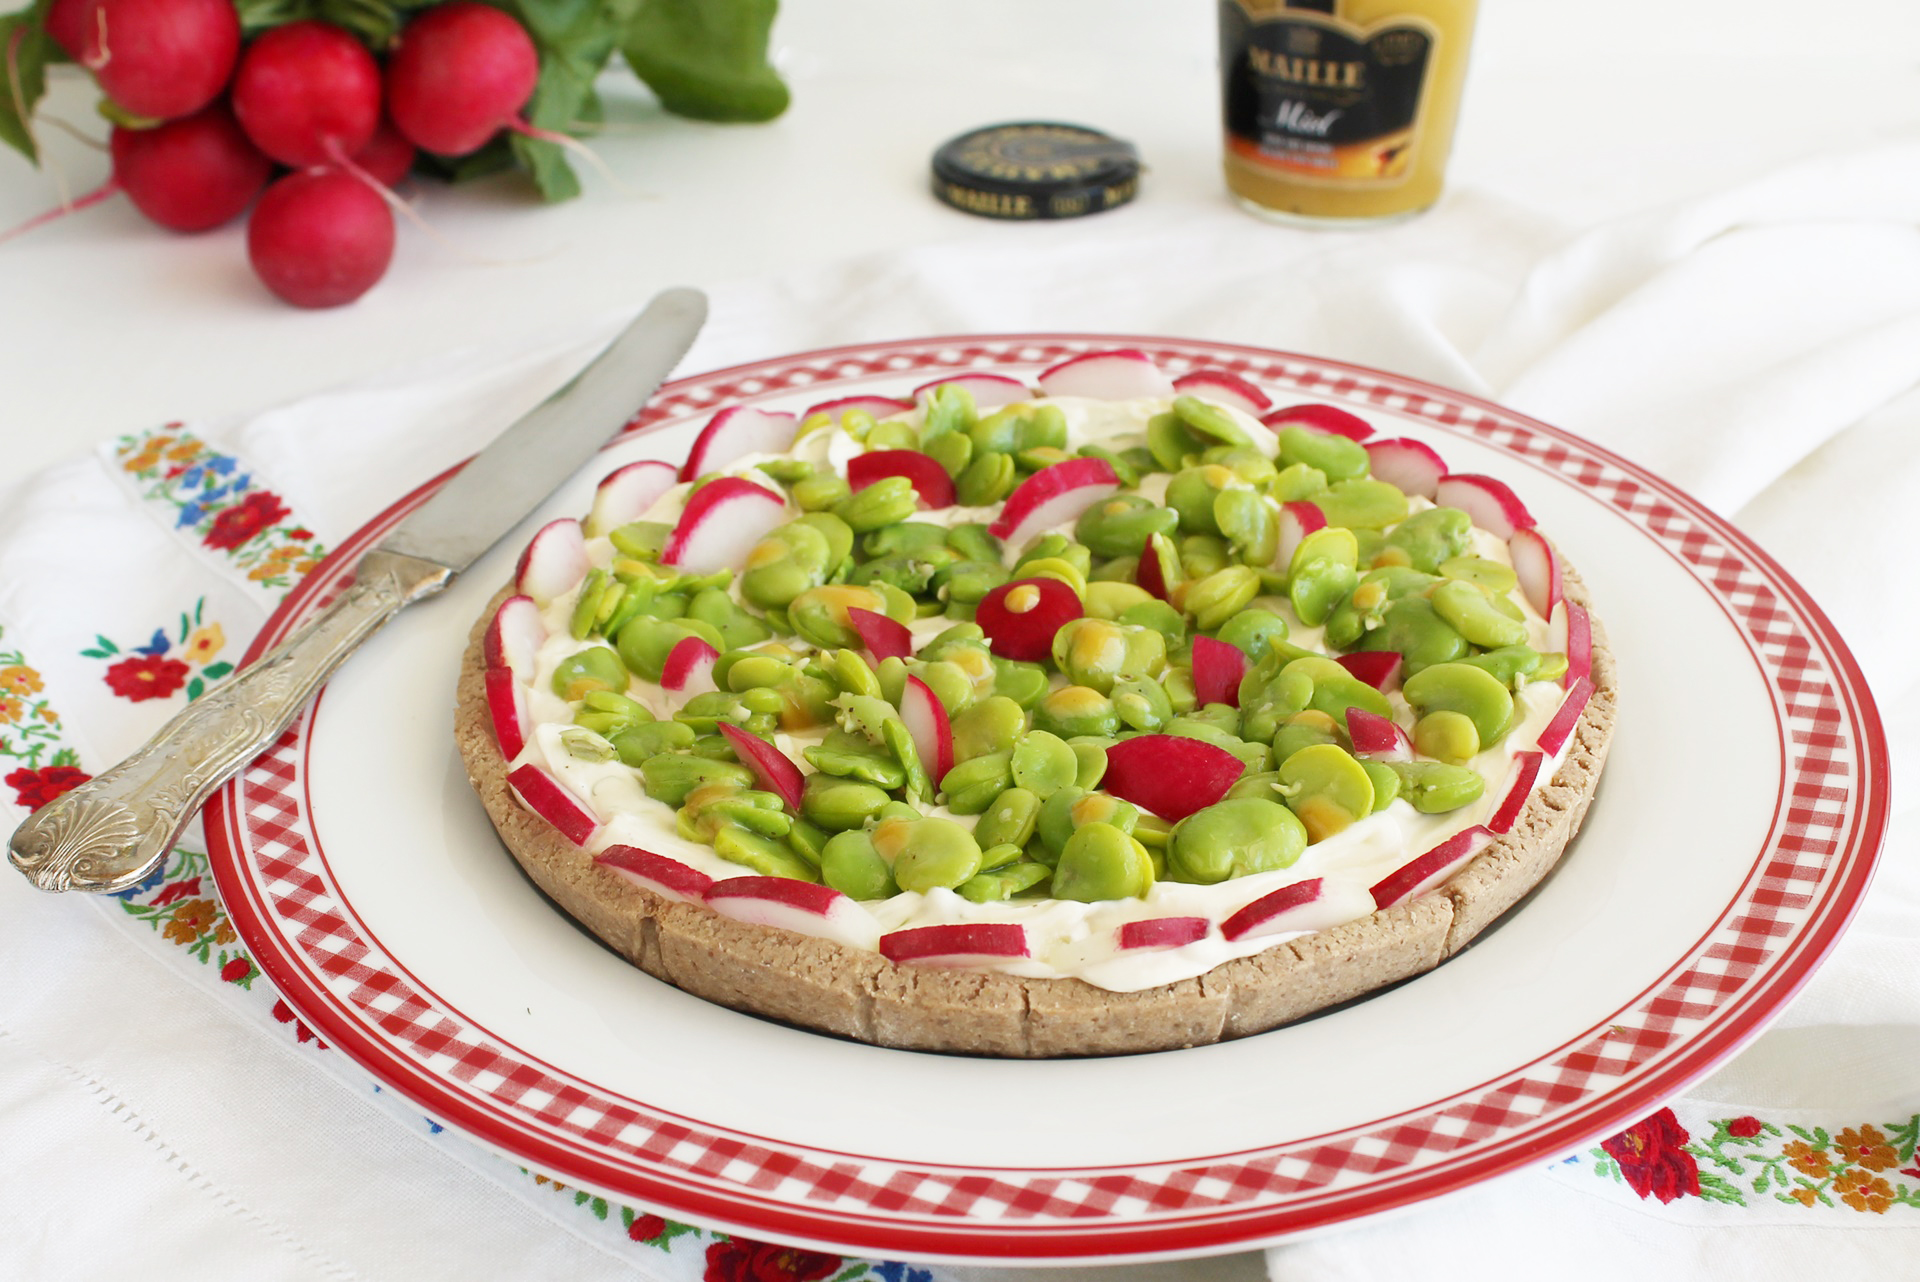 Tarte au fromage et fèves sans gluten - La Cassata Celiaca